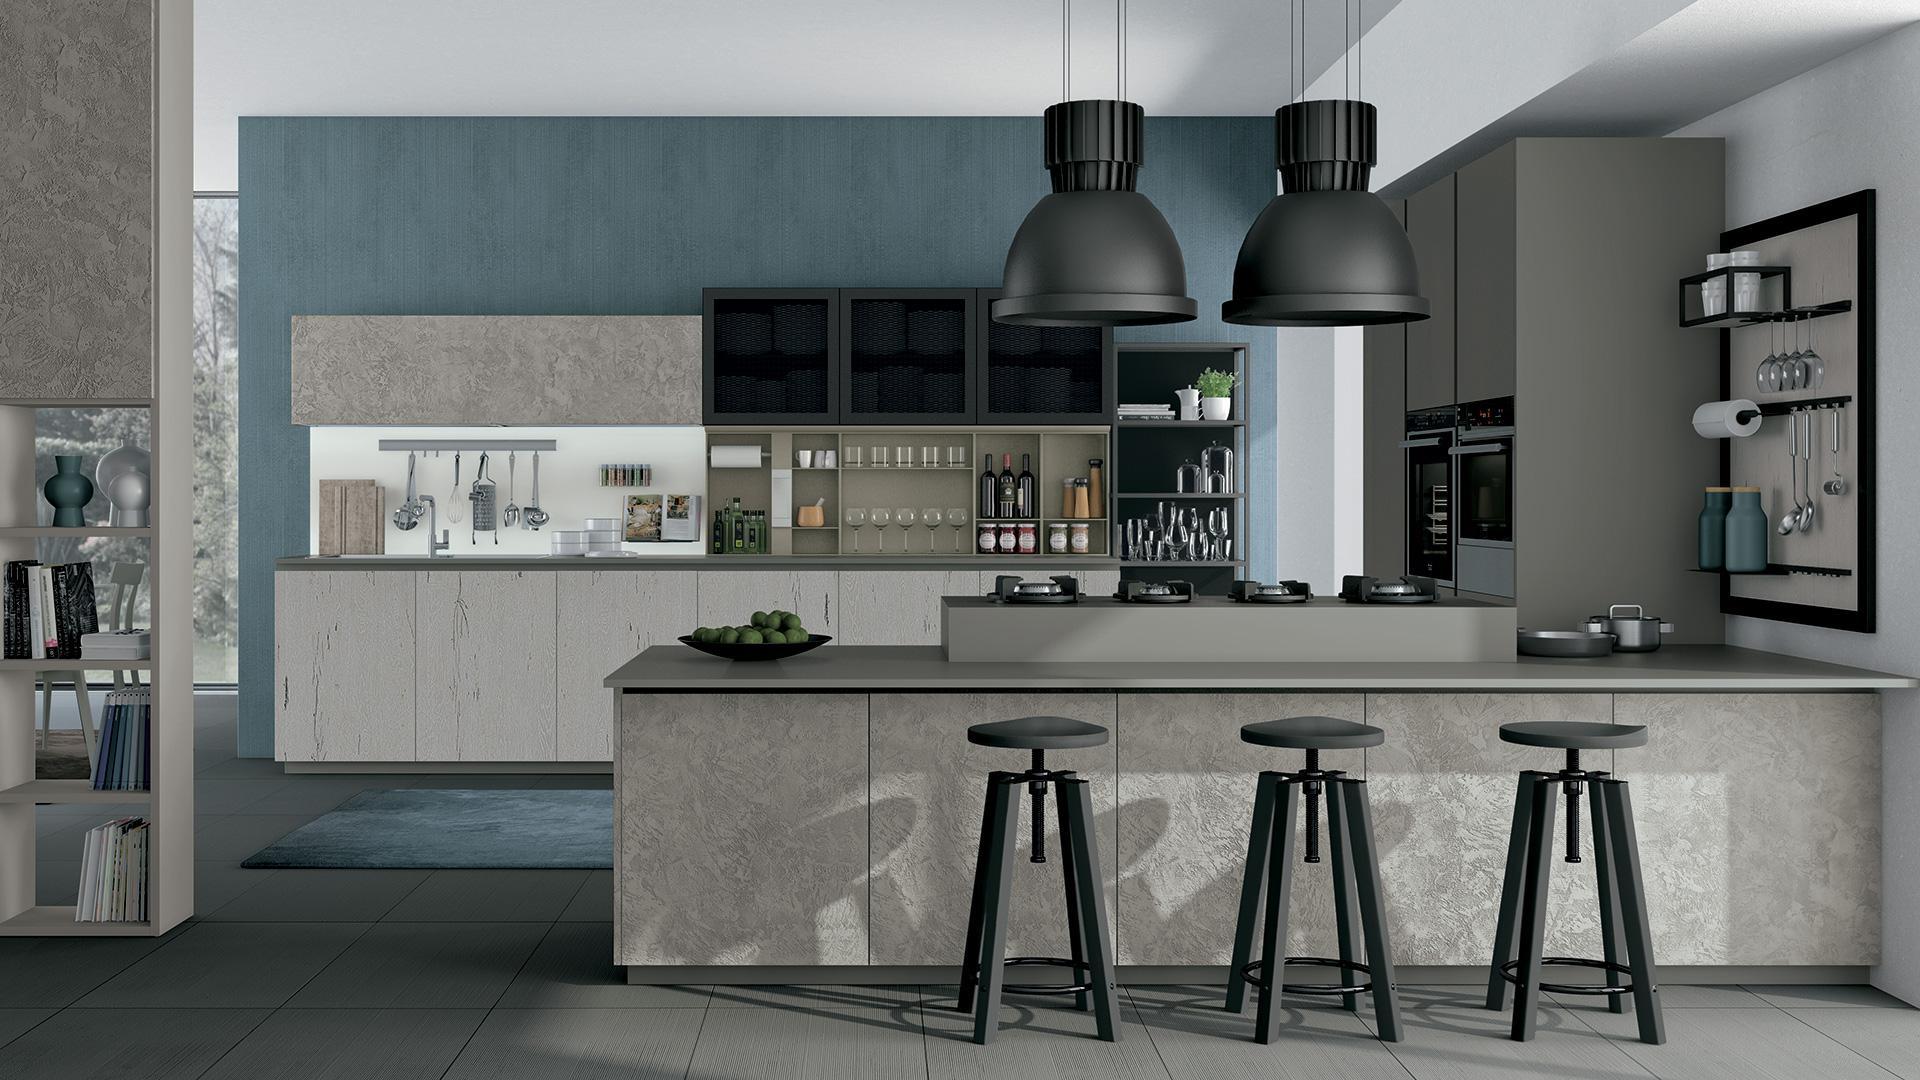 Lampade da cucina come sceglierle lartedinnovare - Lampade a led per cucina ...